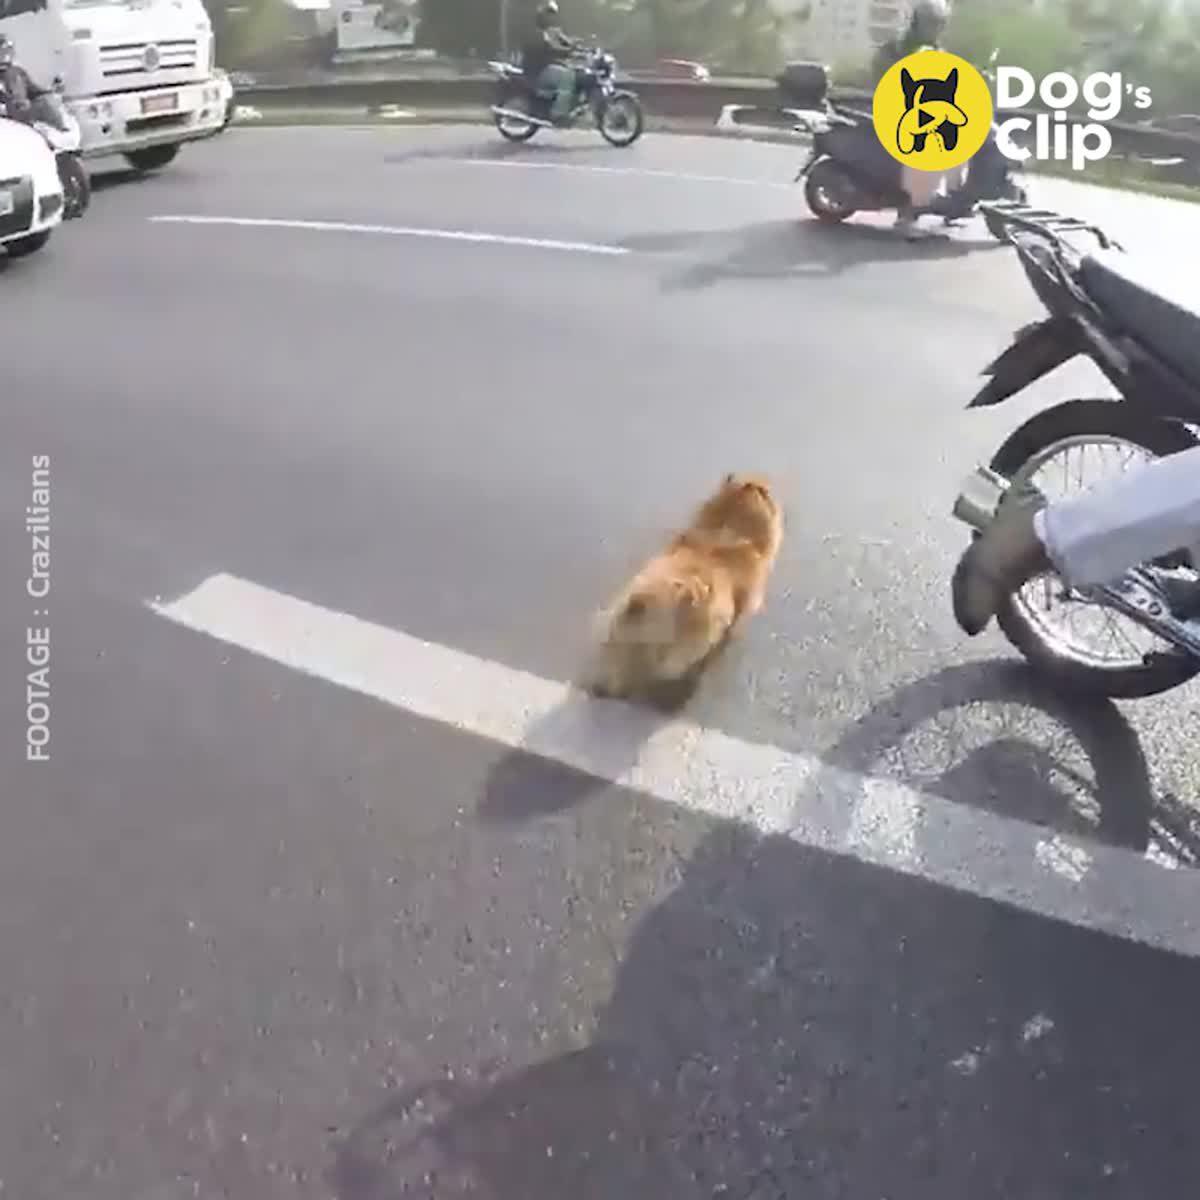 กลุ่มไบค์เกอร์หยุดรถเพื่อช่วยน้องหมาที่ตกจากรถ